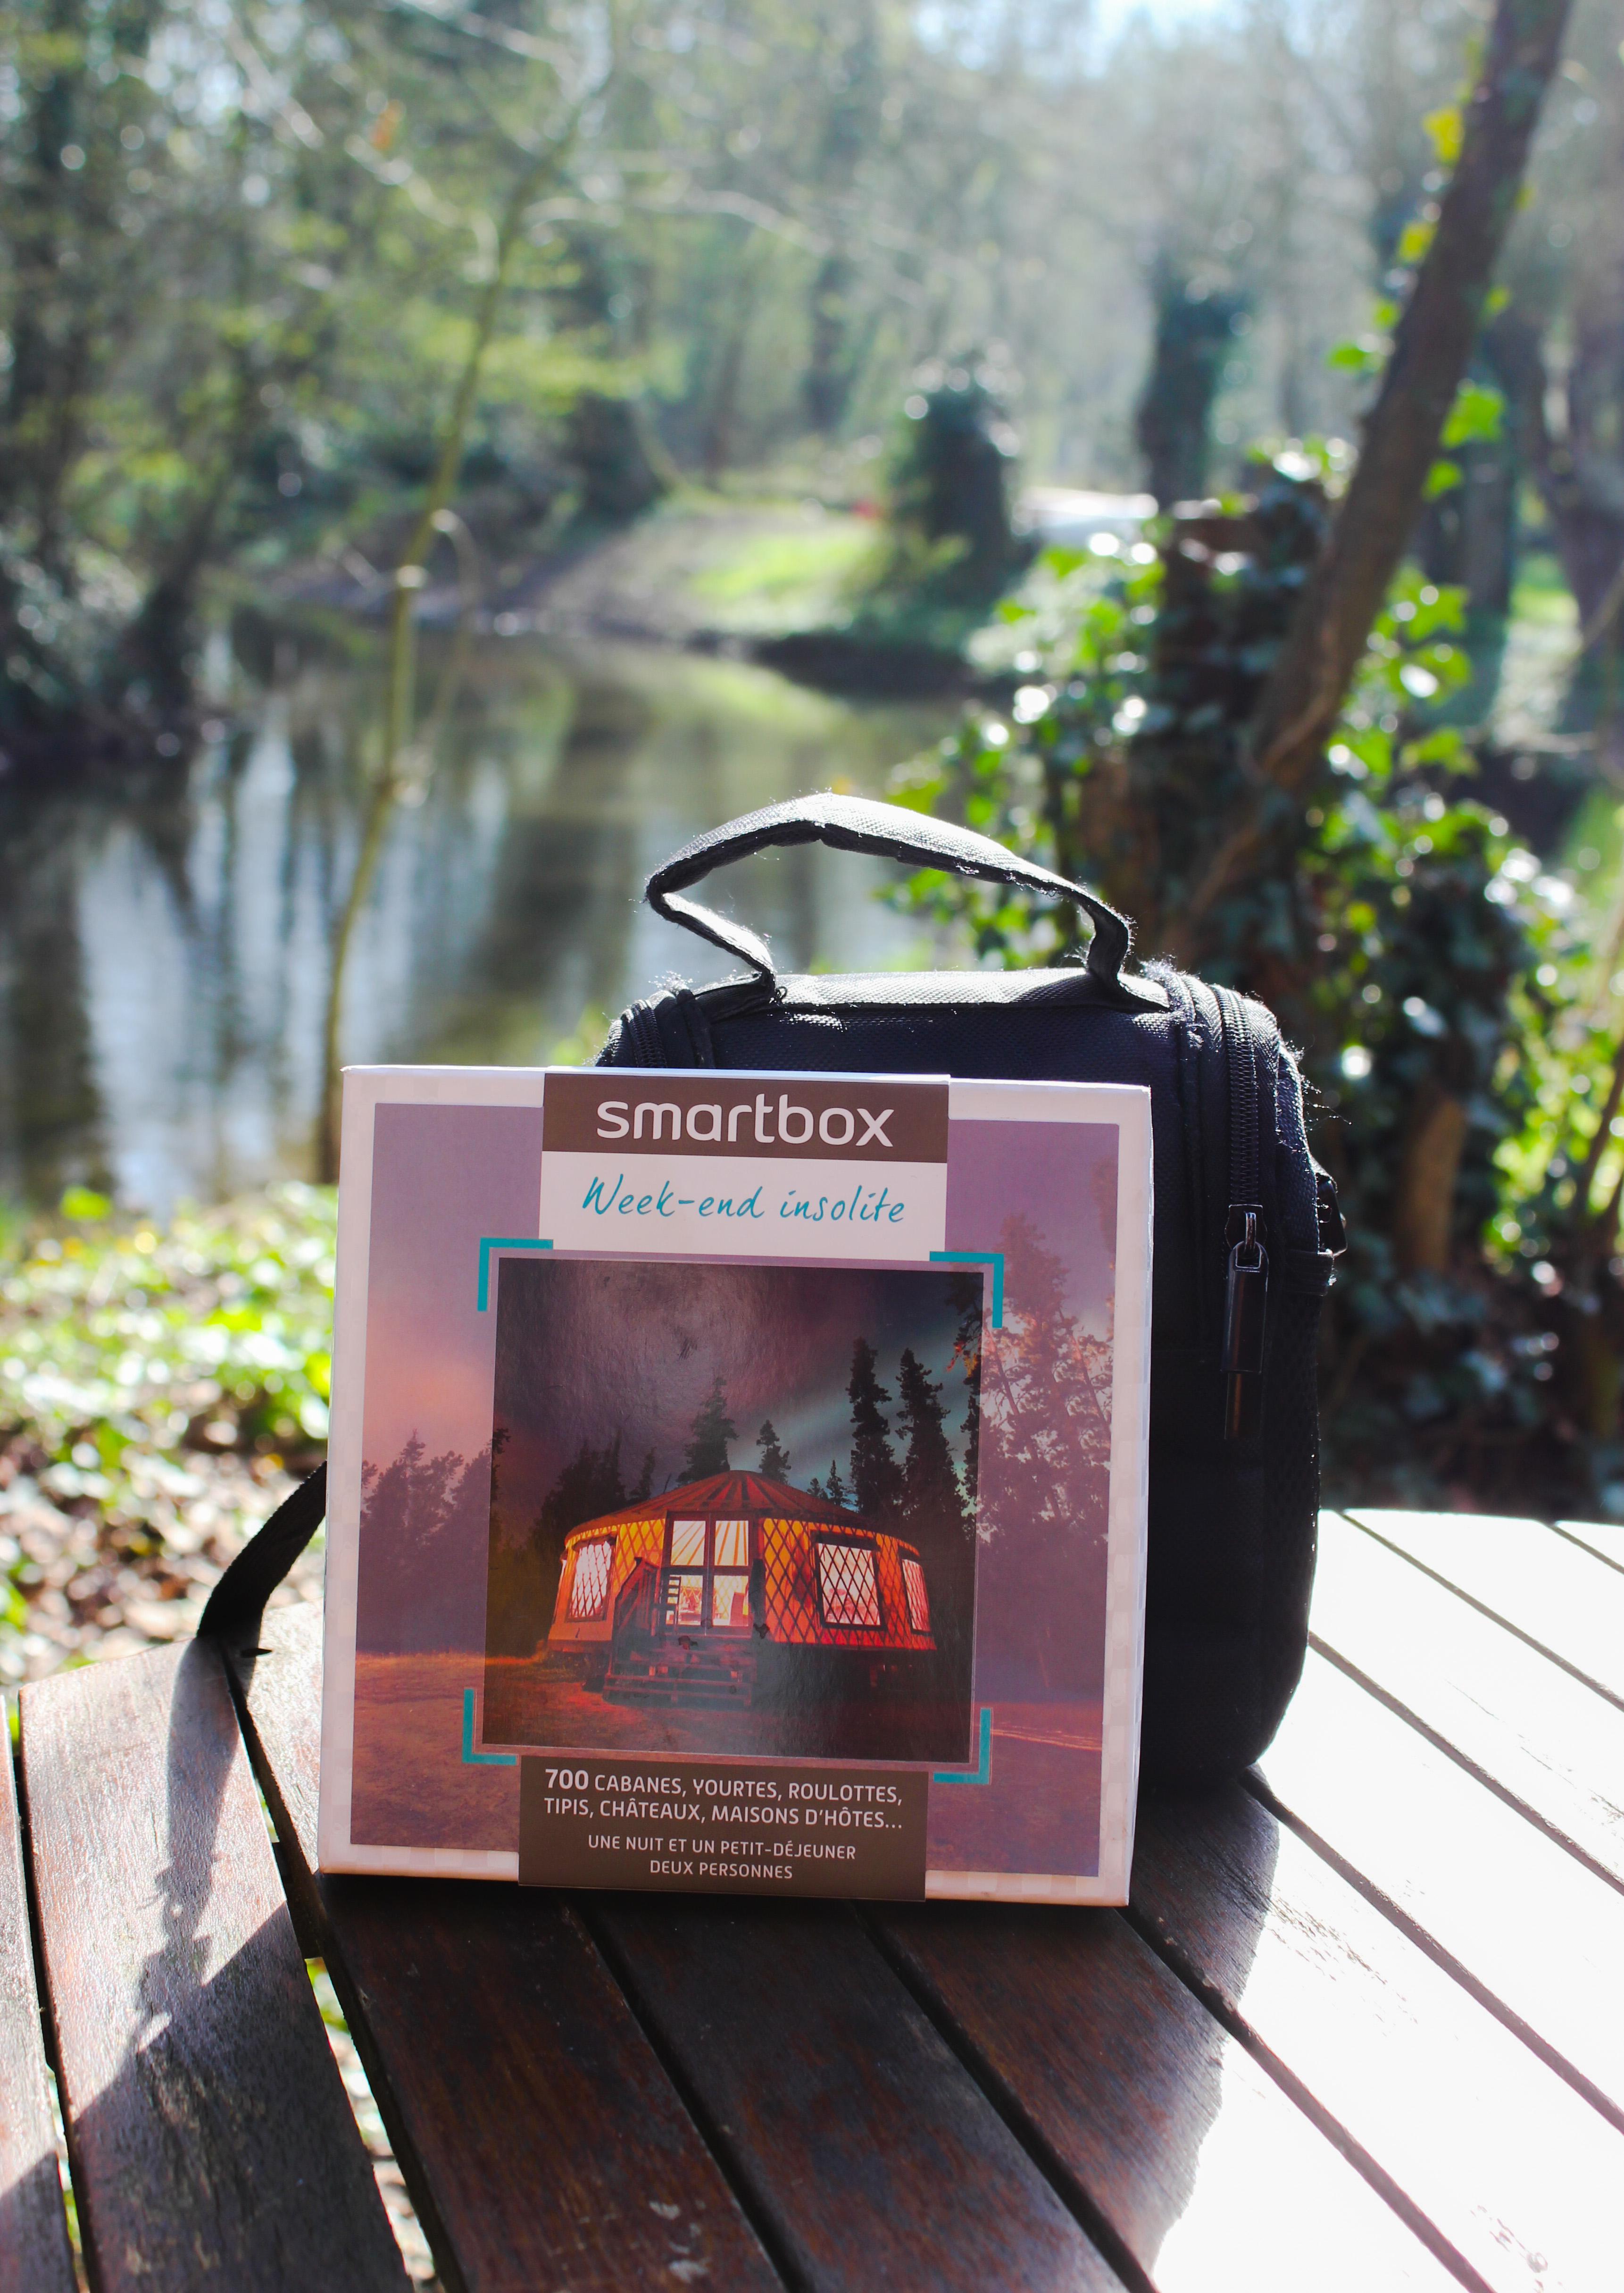 Idée cadeau: La Smartbox week-end insolite